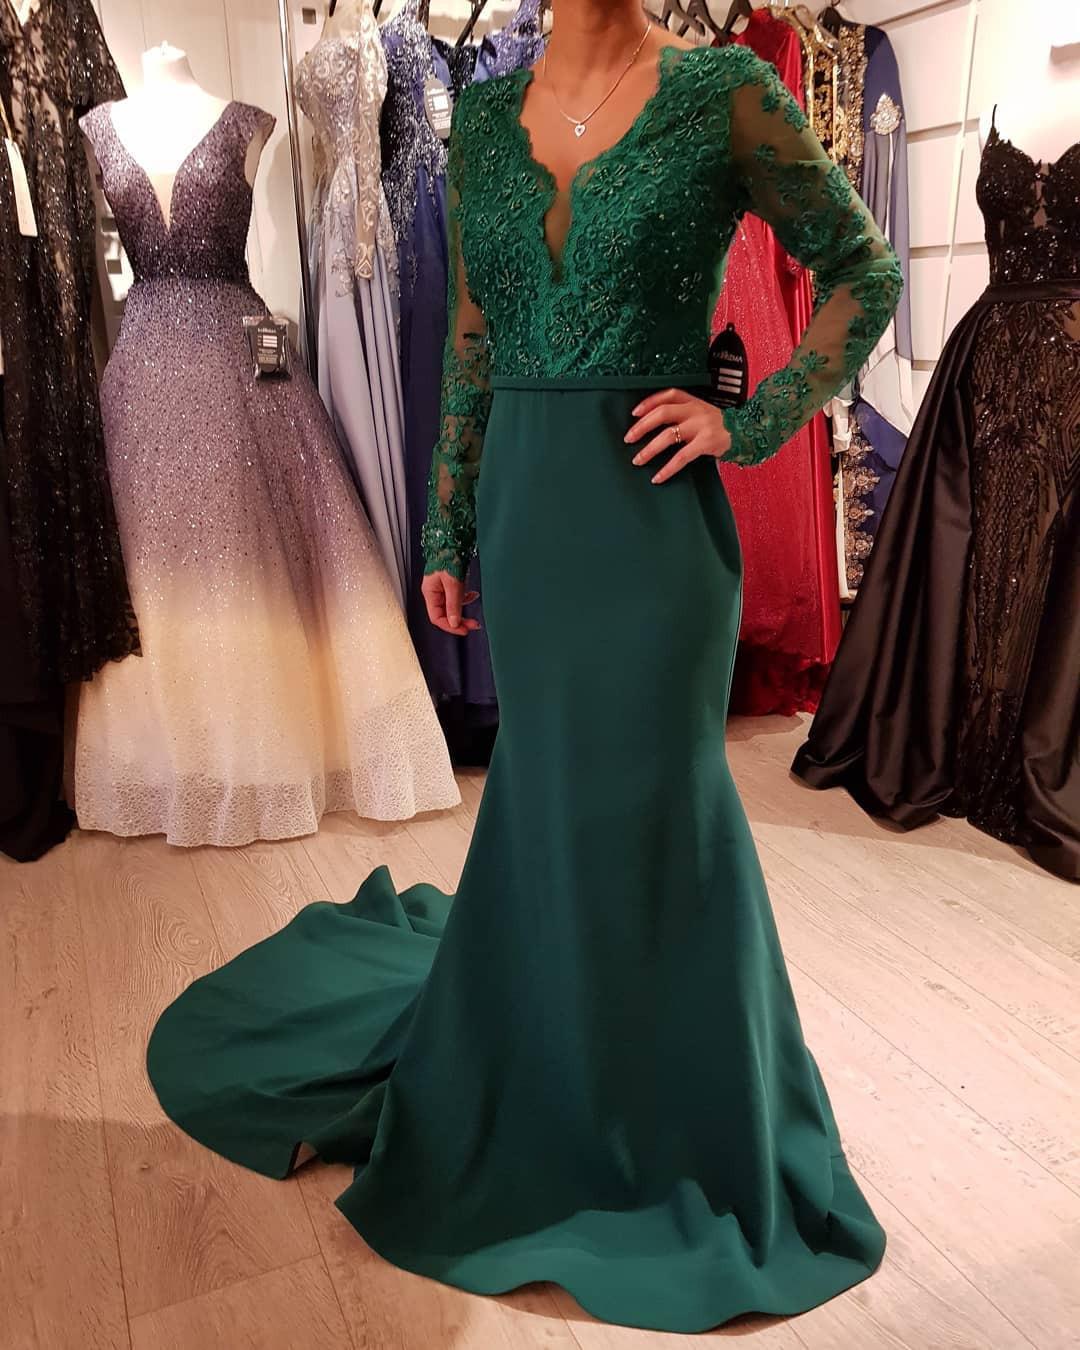 13 Luxus Günstige Abendkleider Lang Mit Ärmel Boutique10 Luxus Günstige Abendkleider Lang Mit Ärmel Boutique